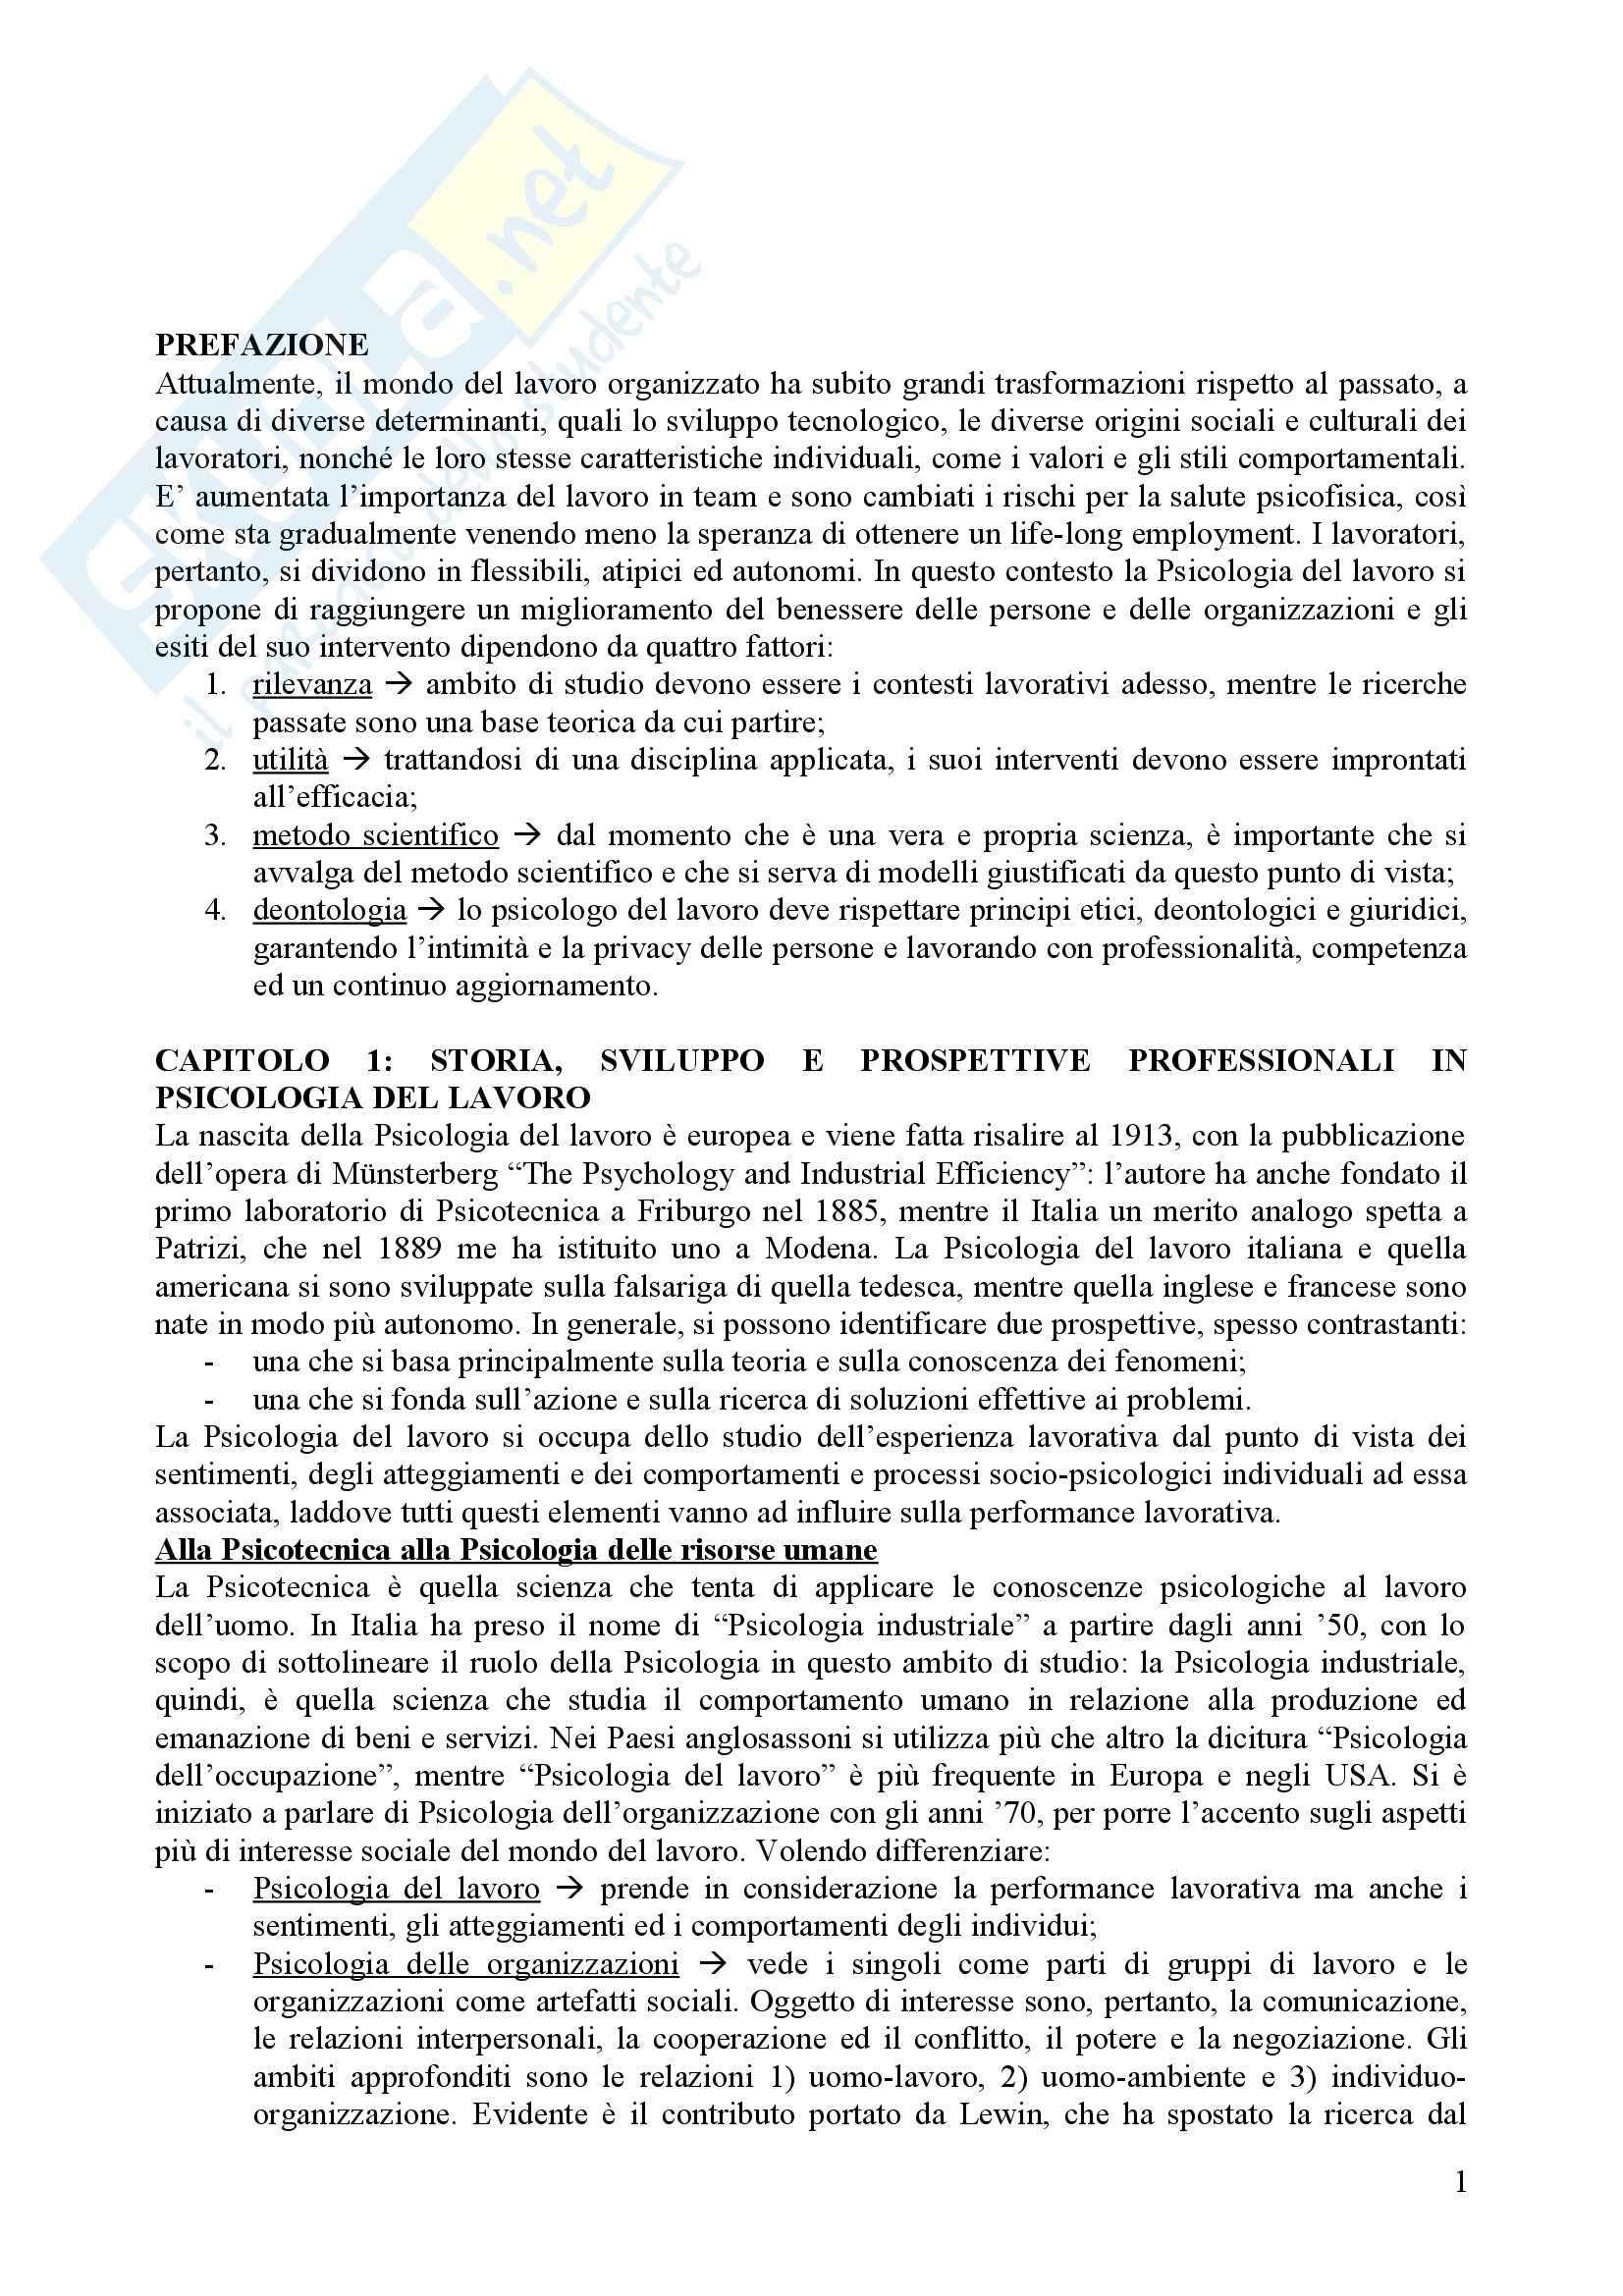 Riassunto esame Psicologia, prof. Cortese, libro consigliato Psicologia del lavoro, Argentero, Cortese